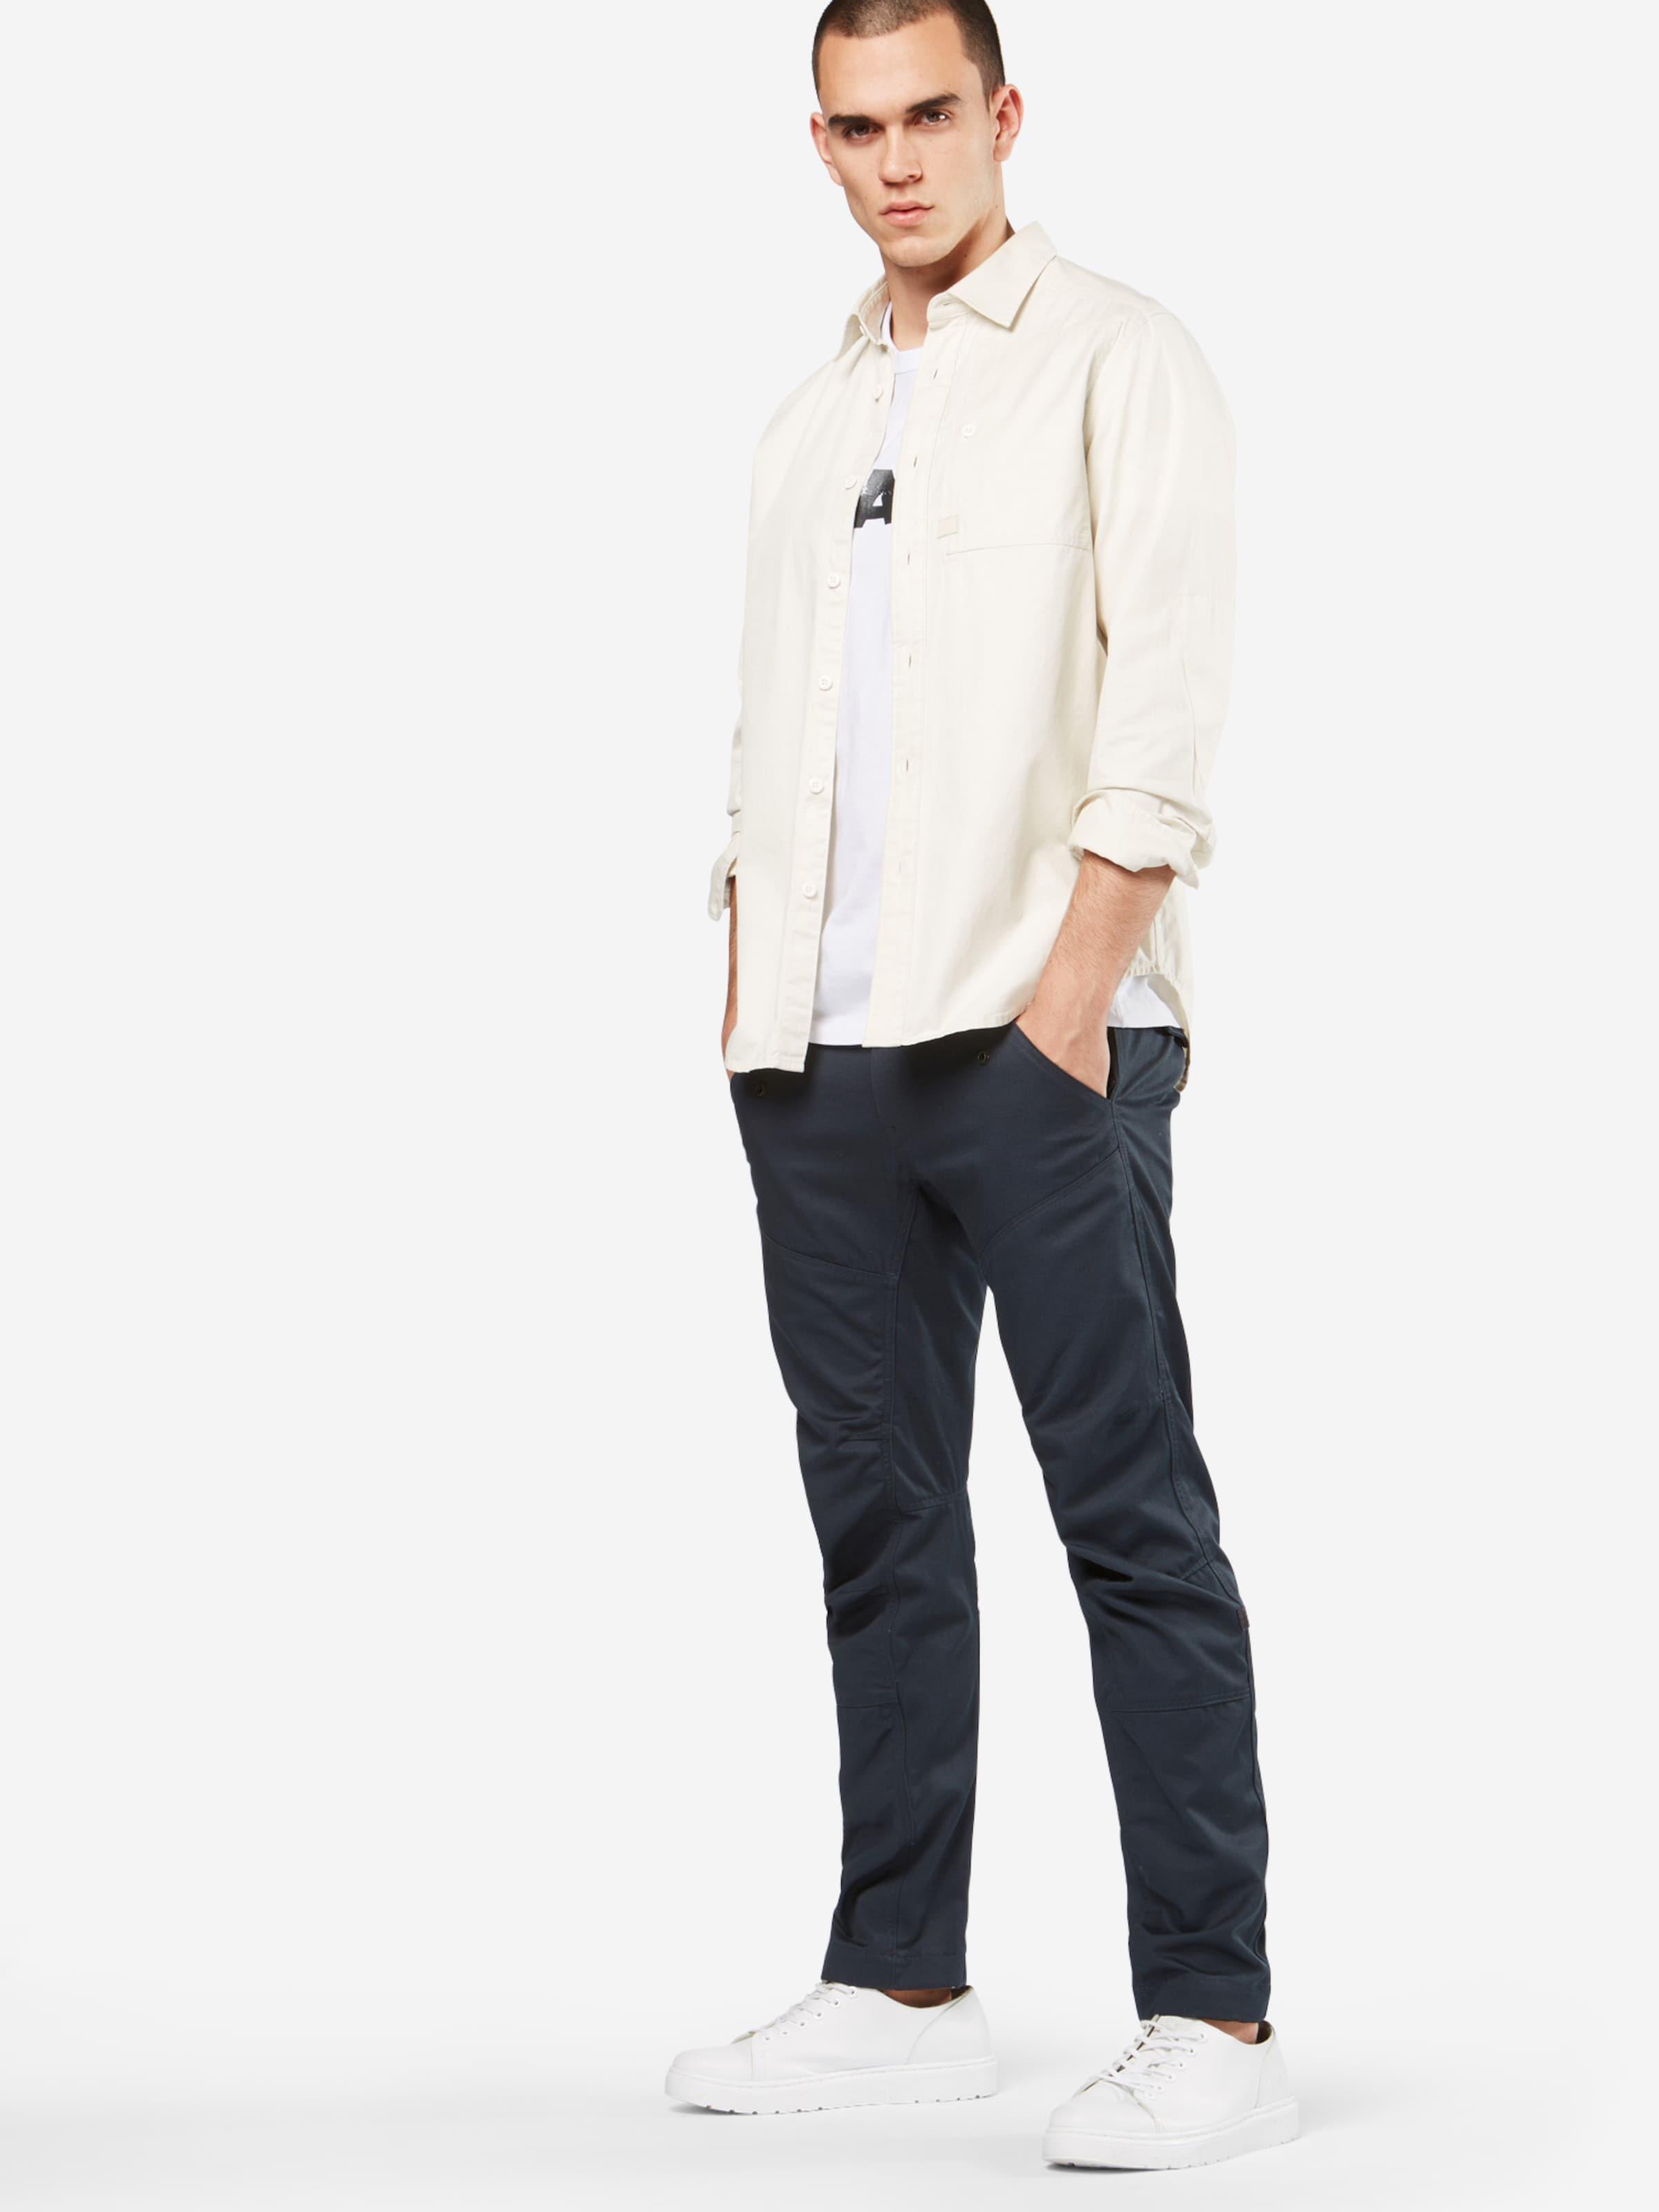 G-STAR RAW Shirt 'Broaf r t s/s' Günstiger Preis Großhandelspreis Online Speichern Mit Kreditkarte Online Ebay Zum Verkauf 4DDk5OIHR